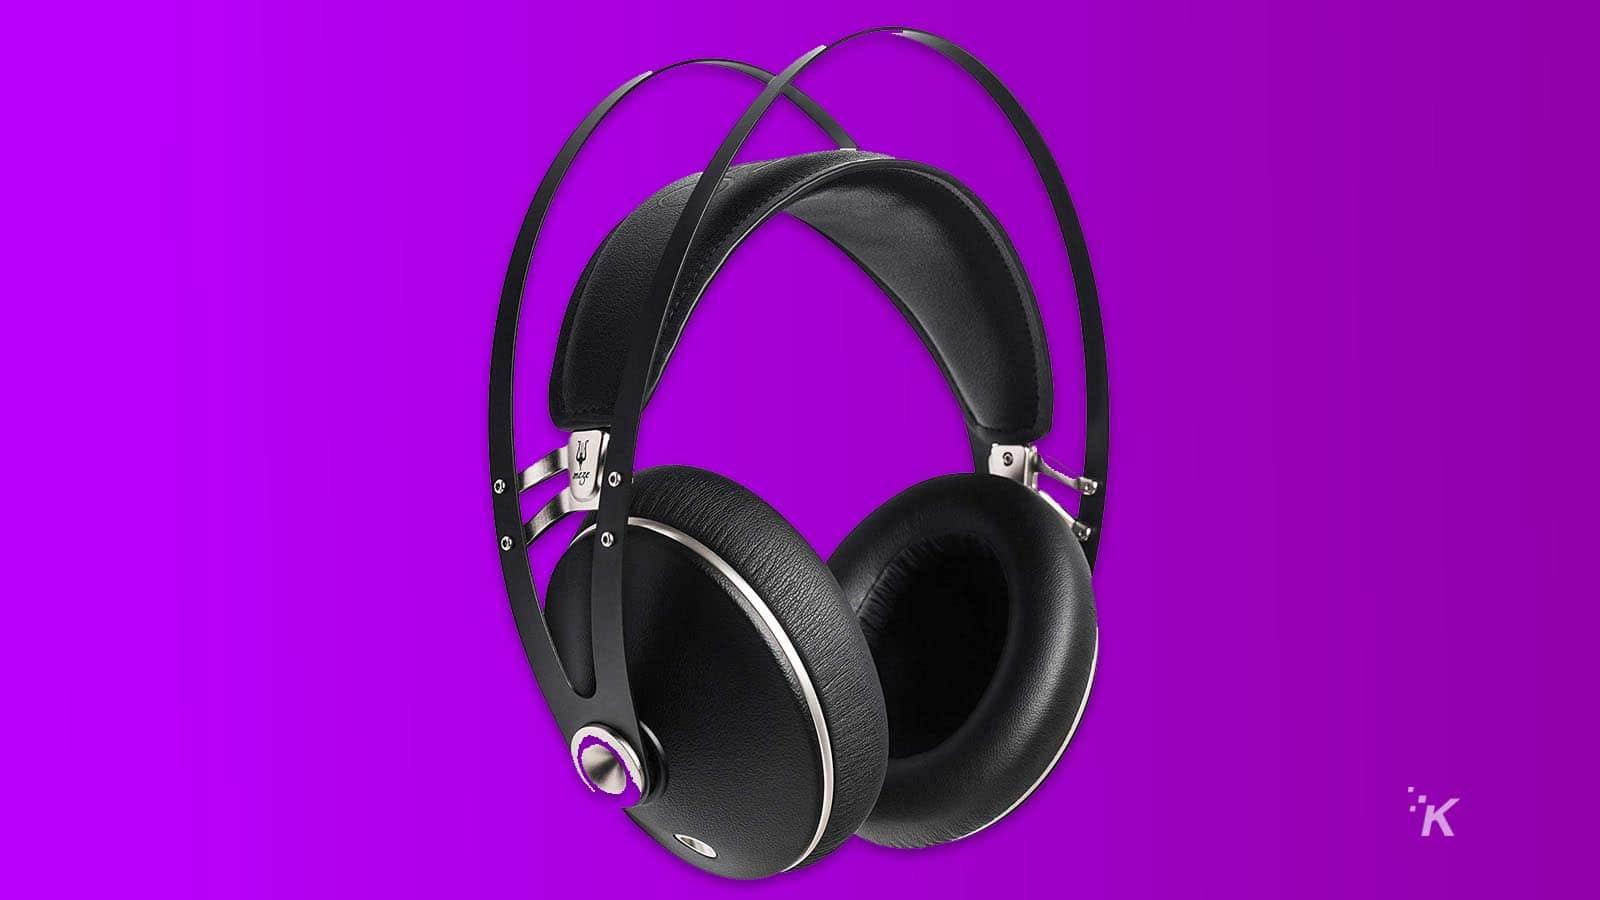 meze 99 headphones